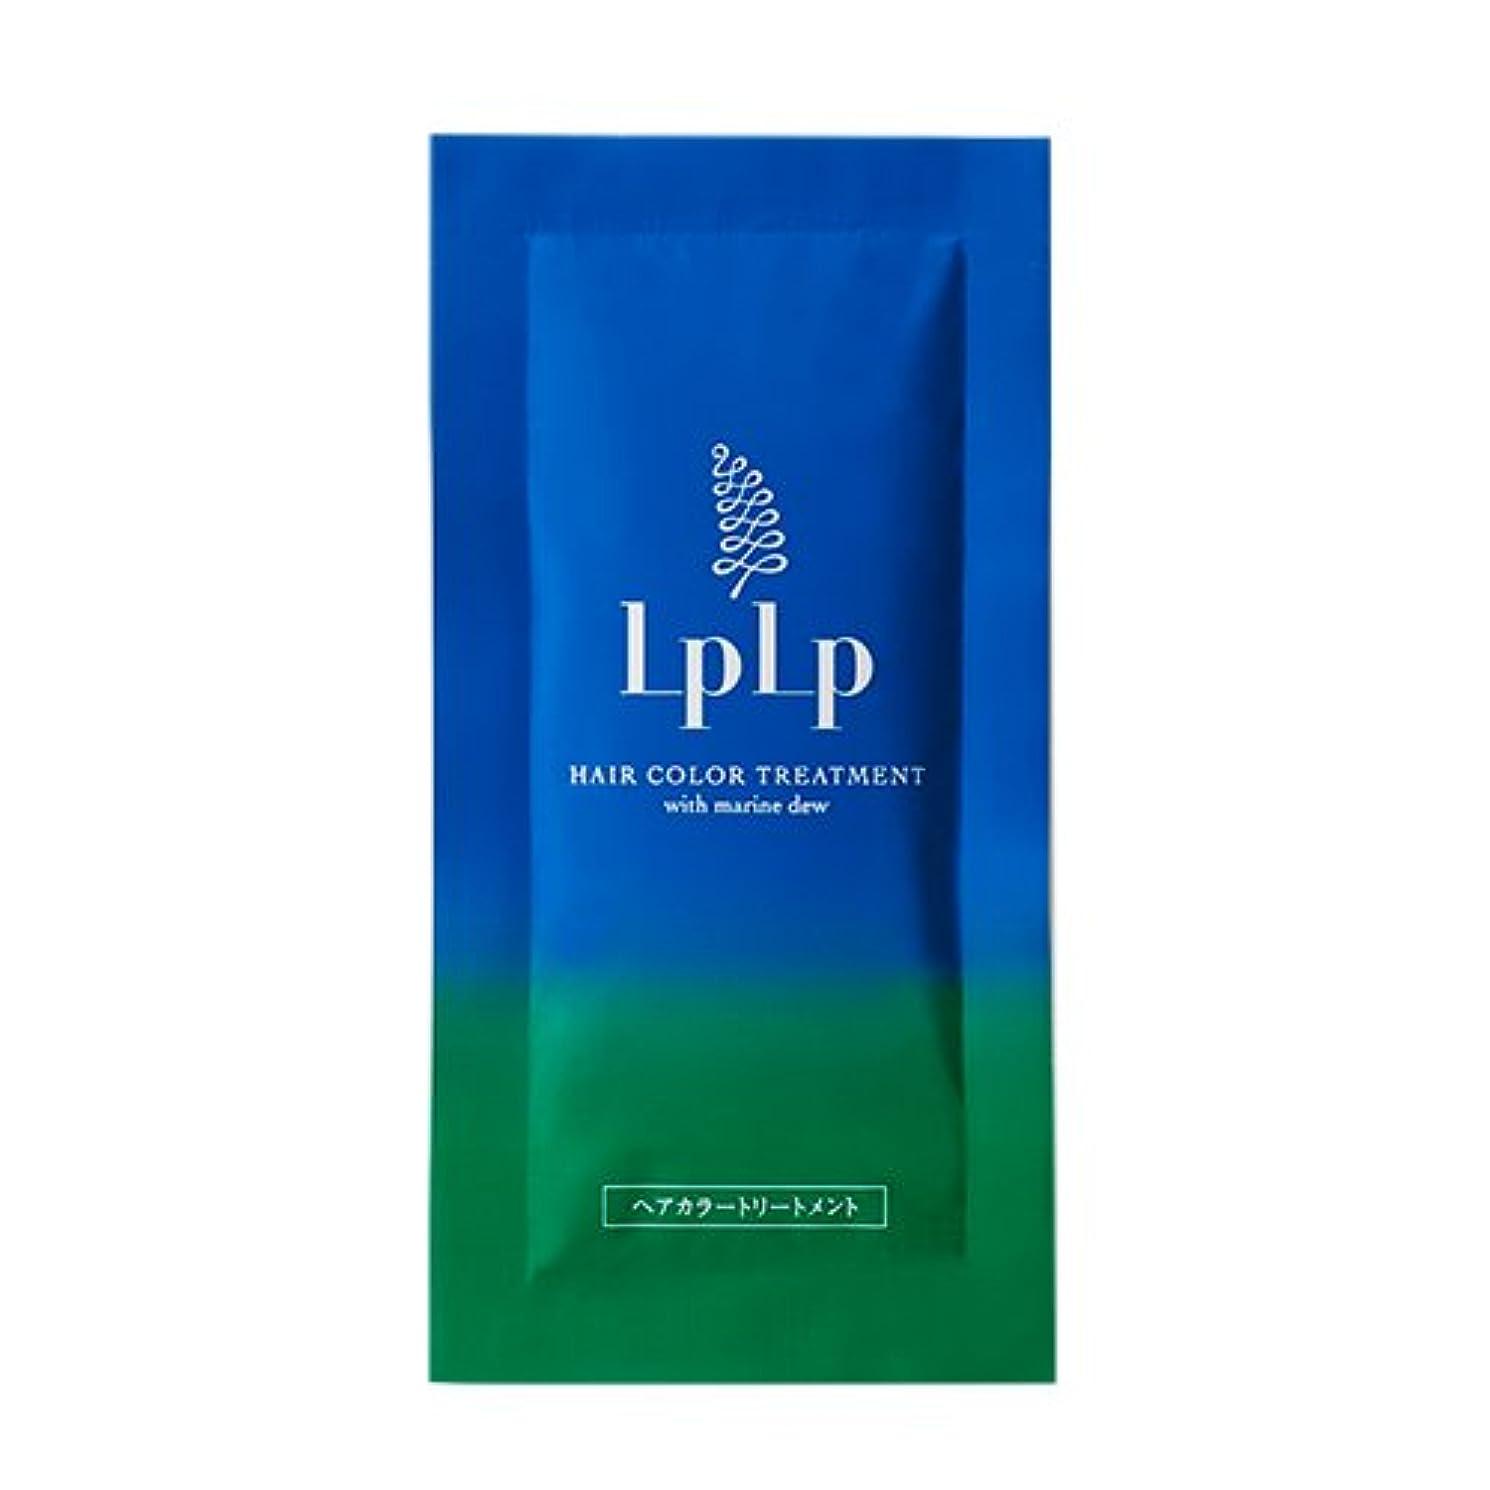 サイレントオークランド全能LPLP(ルプルプ)ヘアカラートリートメントお試しパウチ モカブラウン